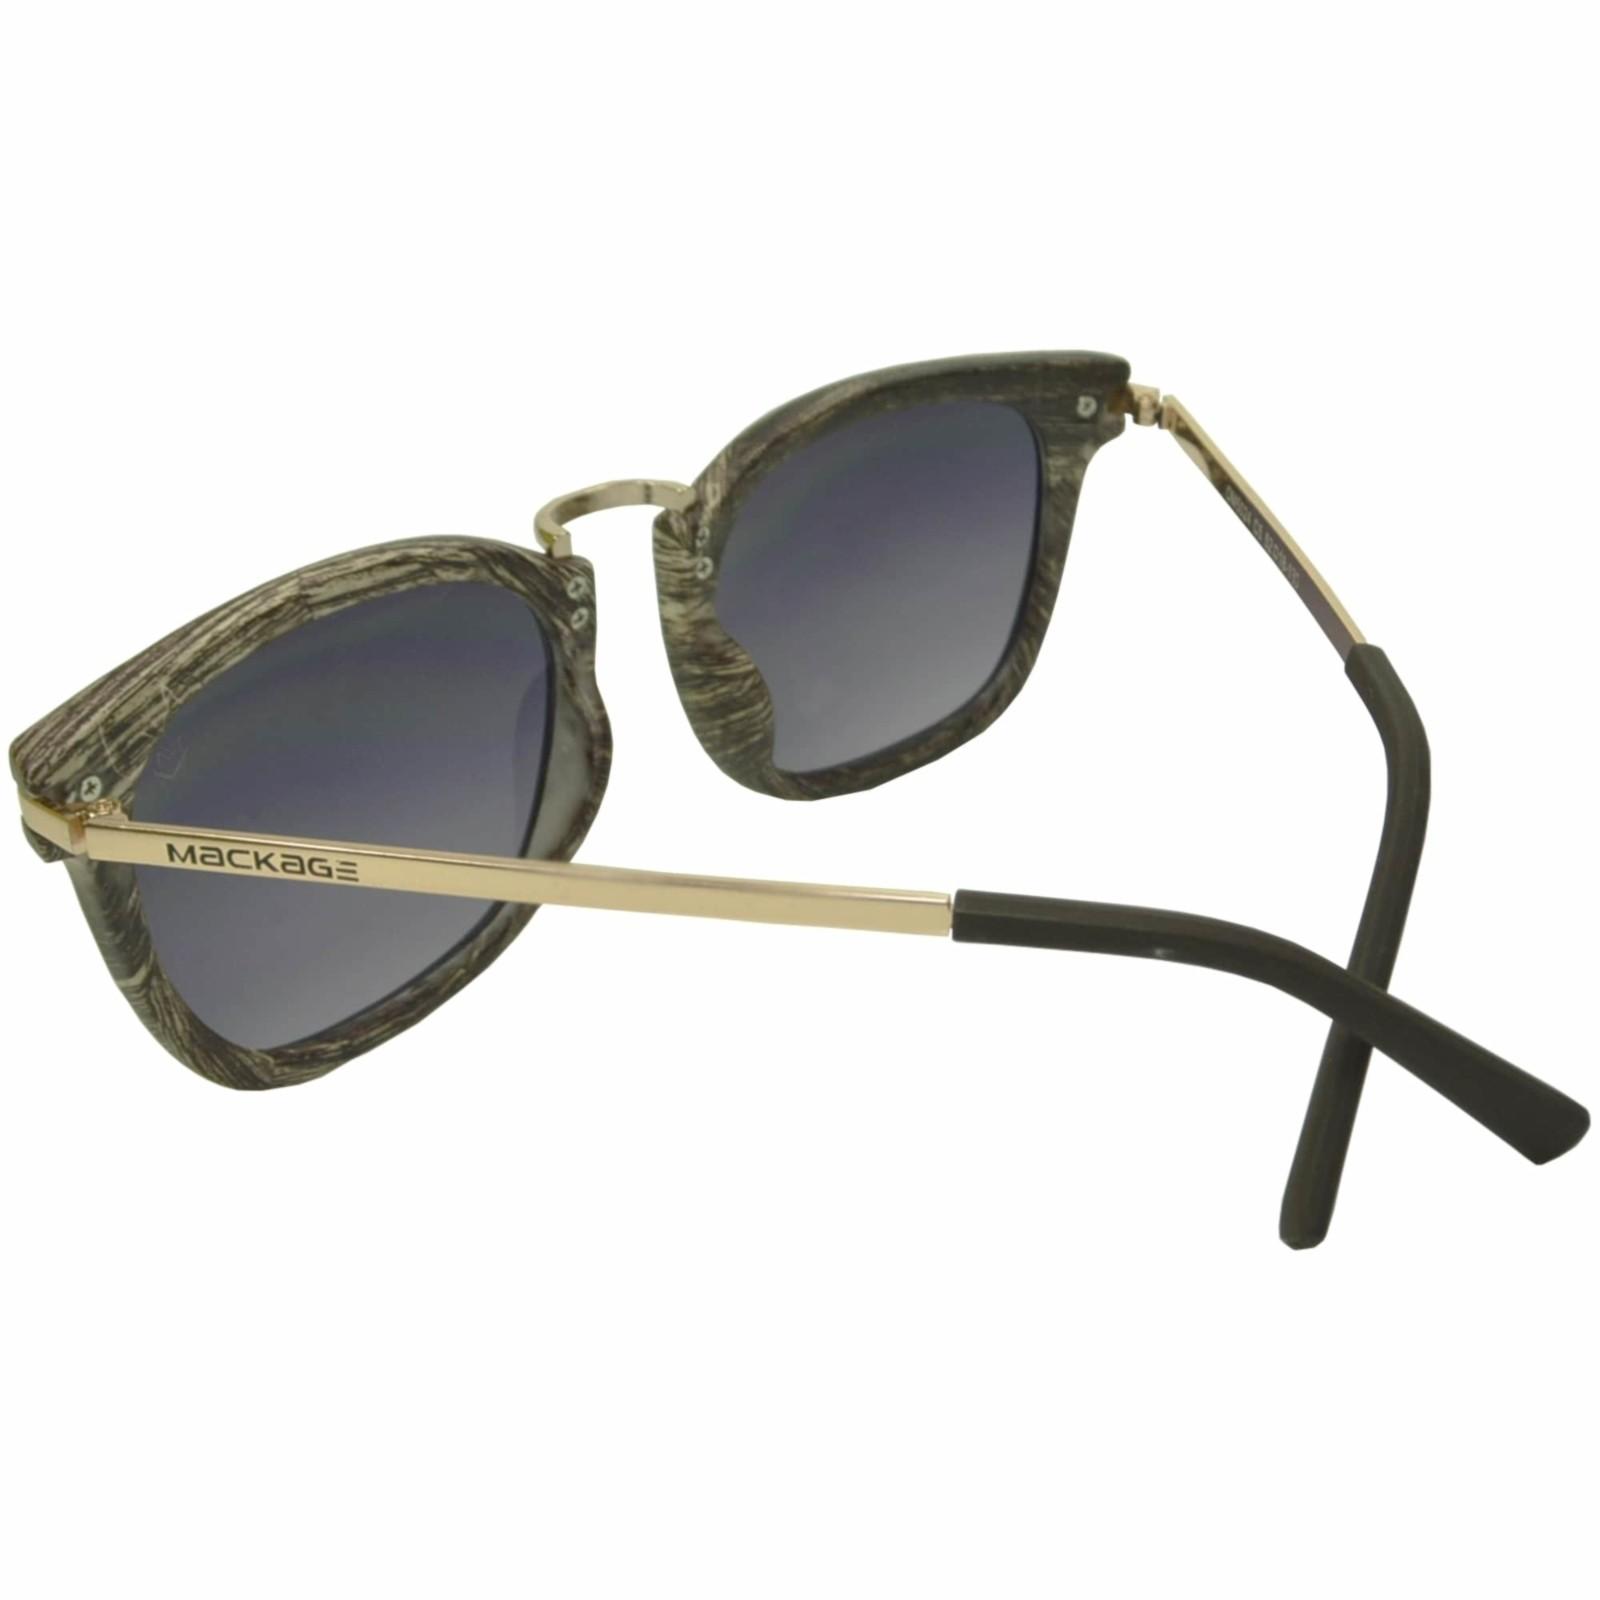 Óculos De Sol Mackage Unissex Acetato Retangular Acabamento Madeirado